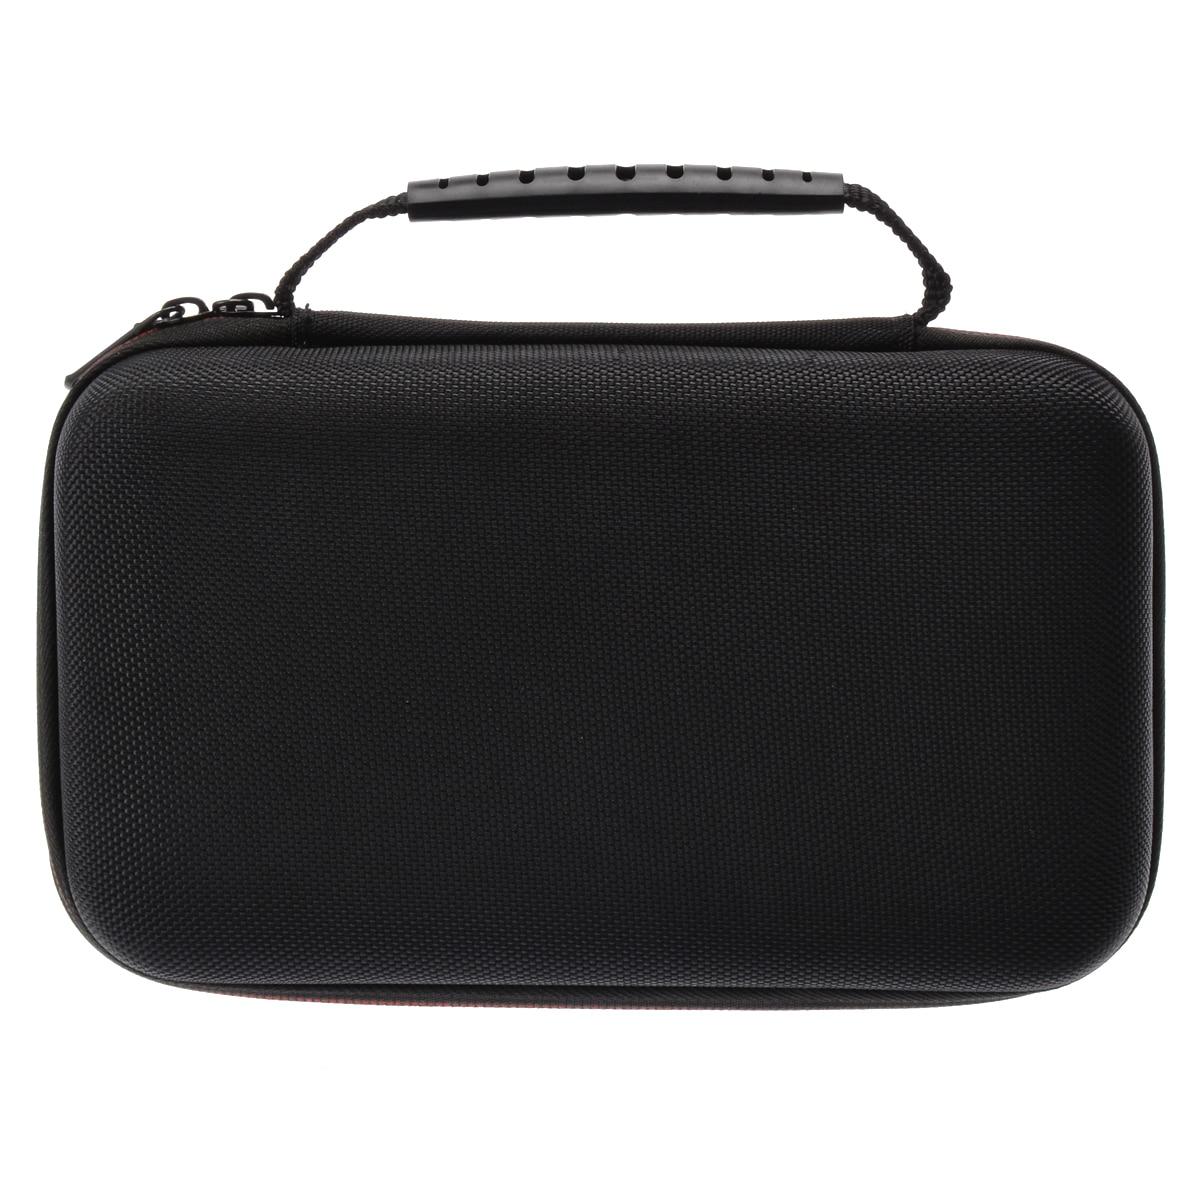 Black EVA Tester Storage Bag Carry Case Multipurpose Instrument Storage Bag For F117C/ F17B Digital Multimeter